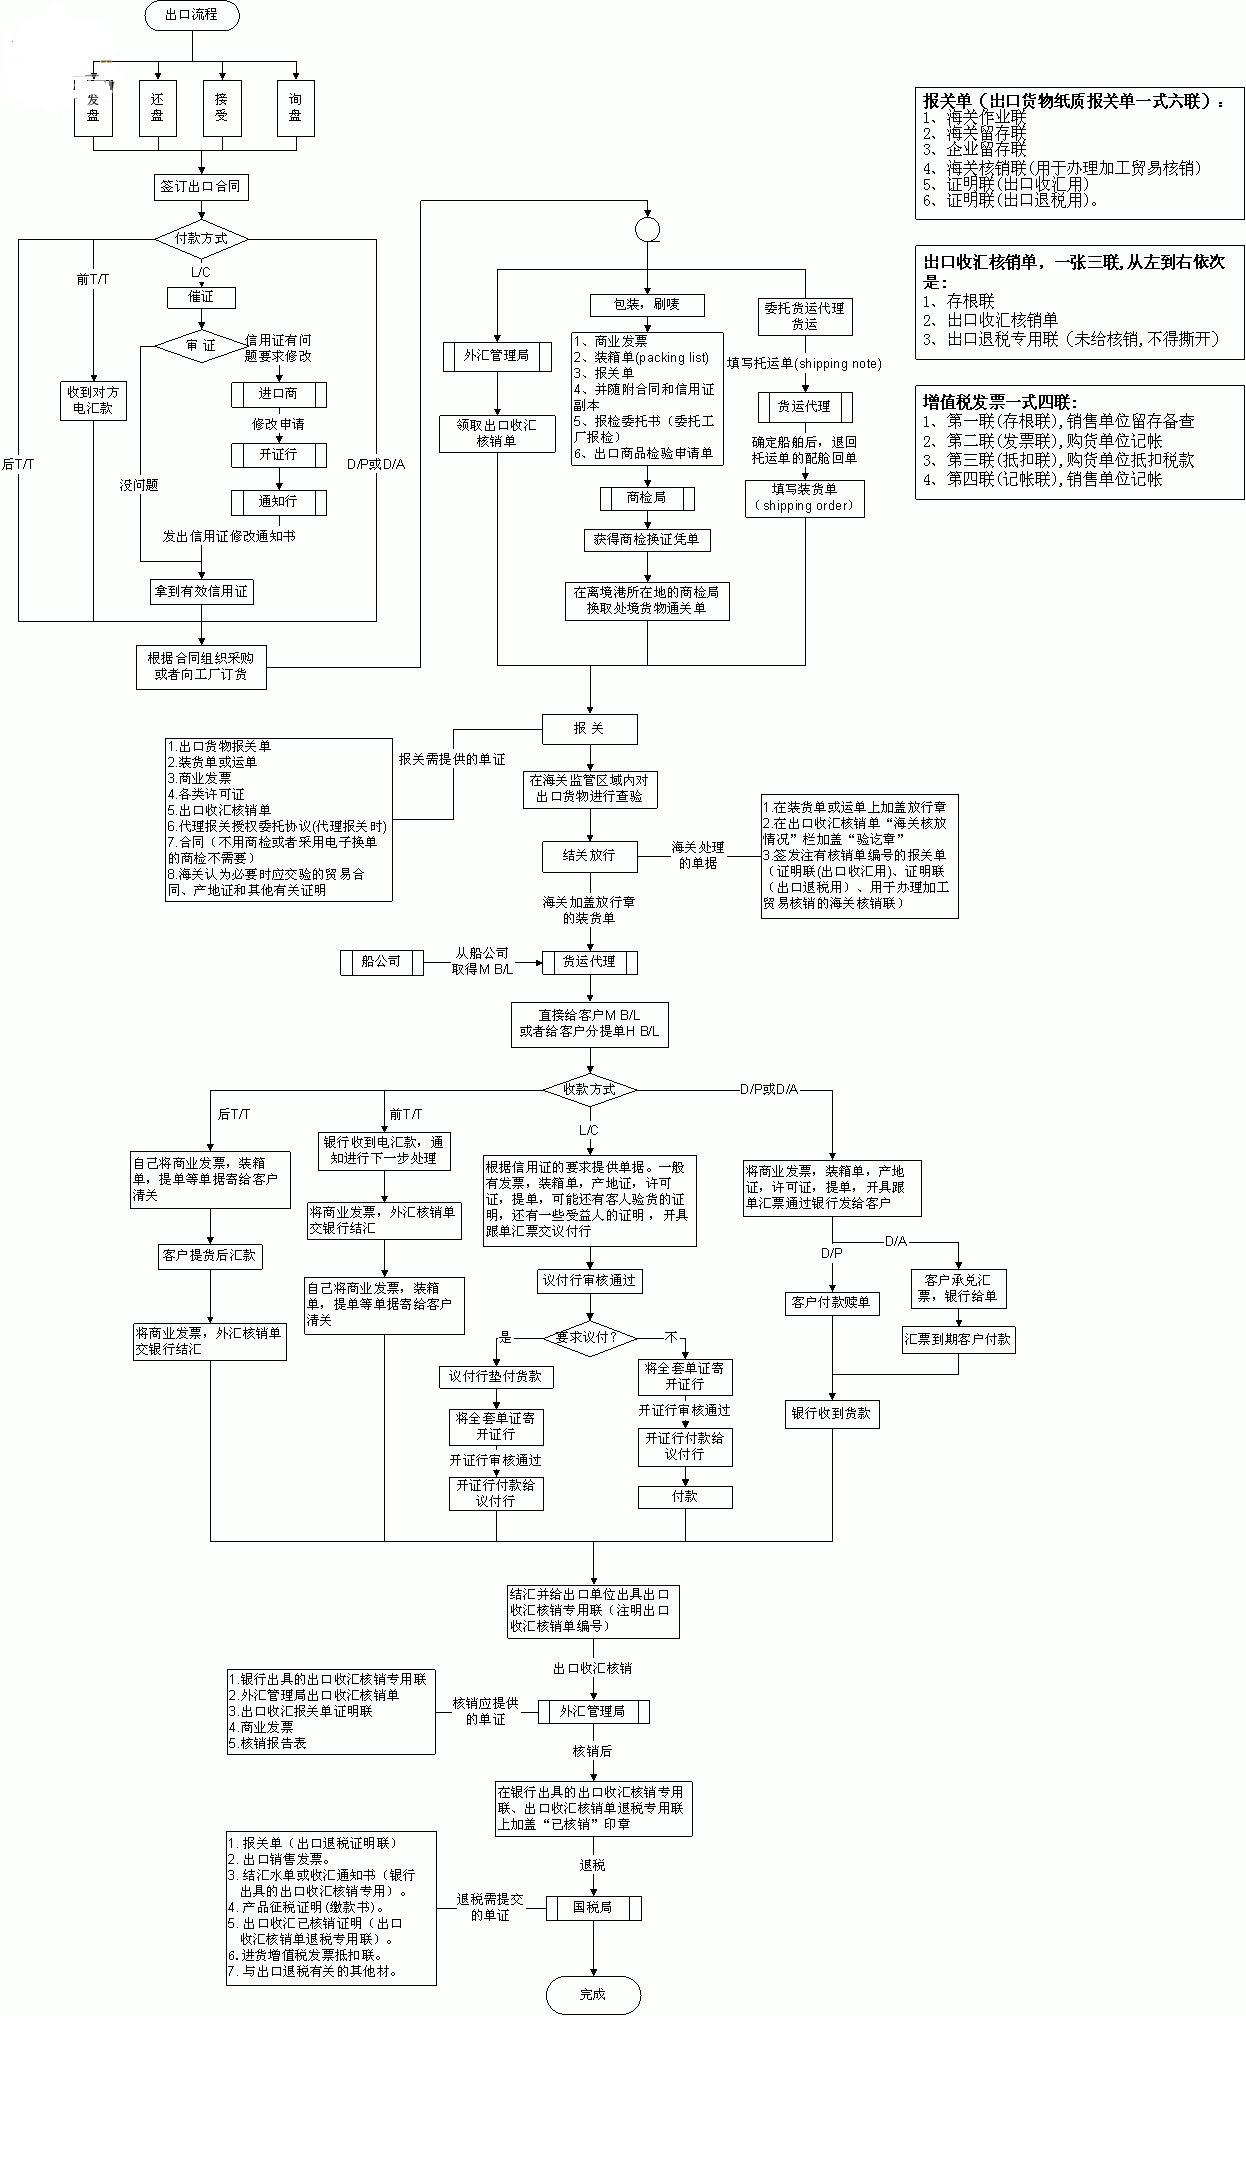 外贸出口流程全图